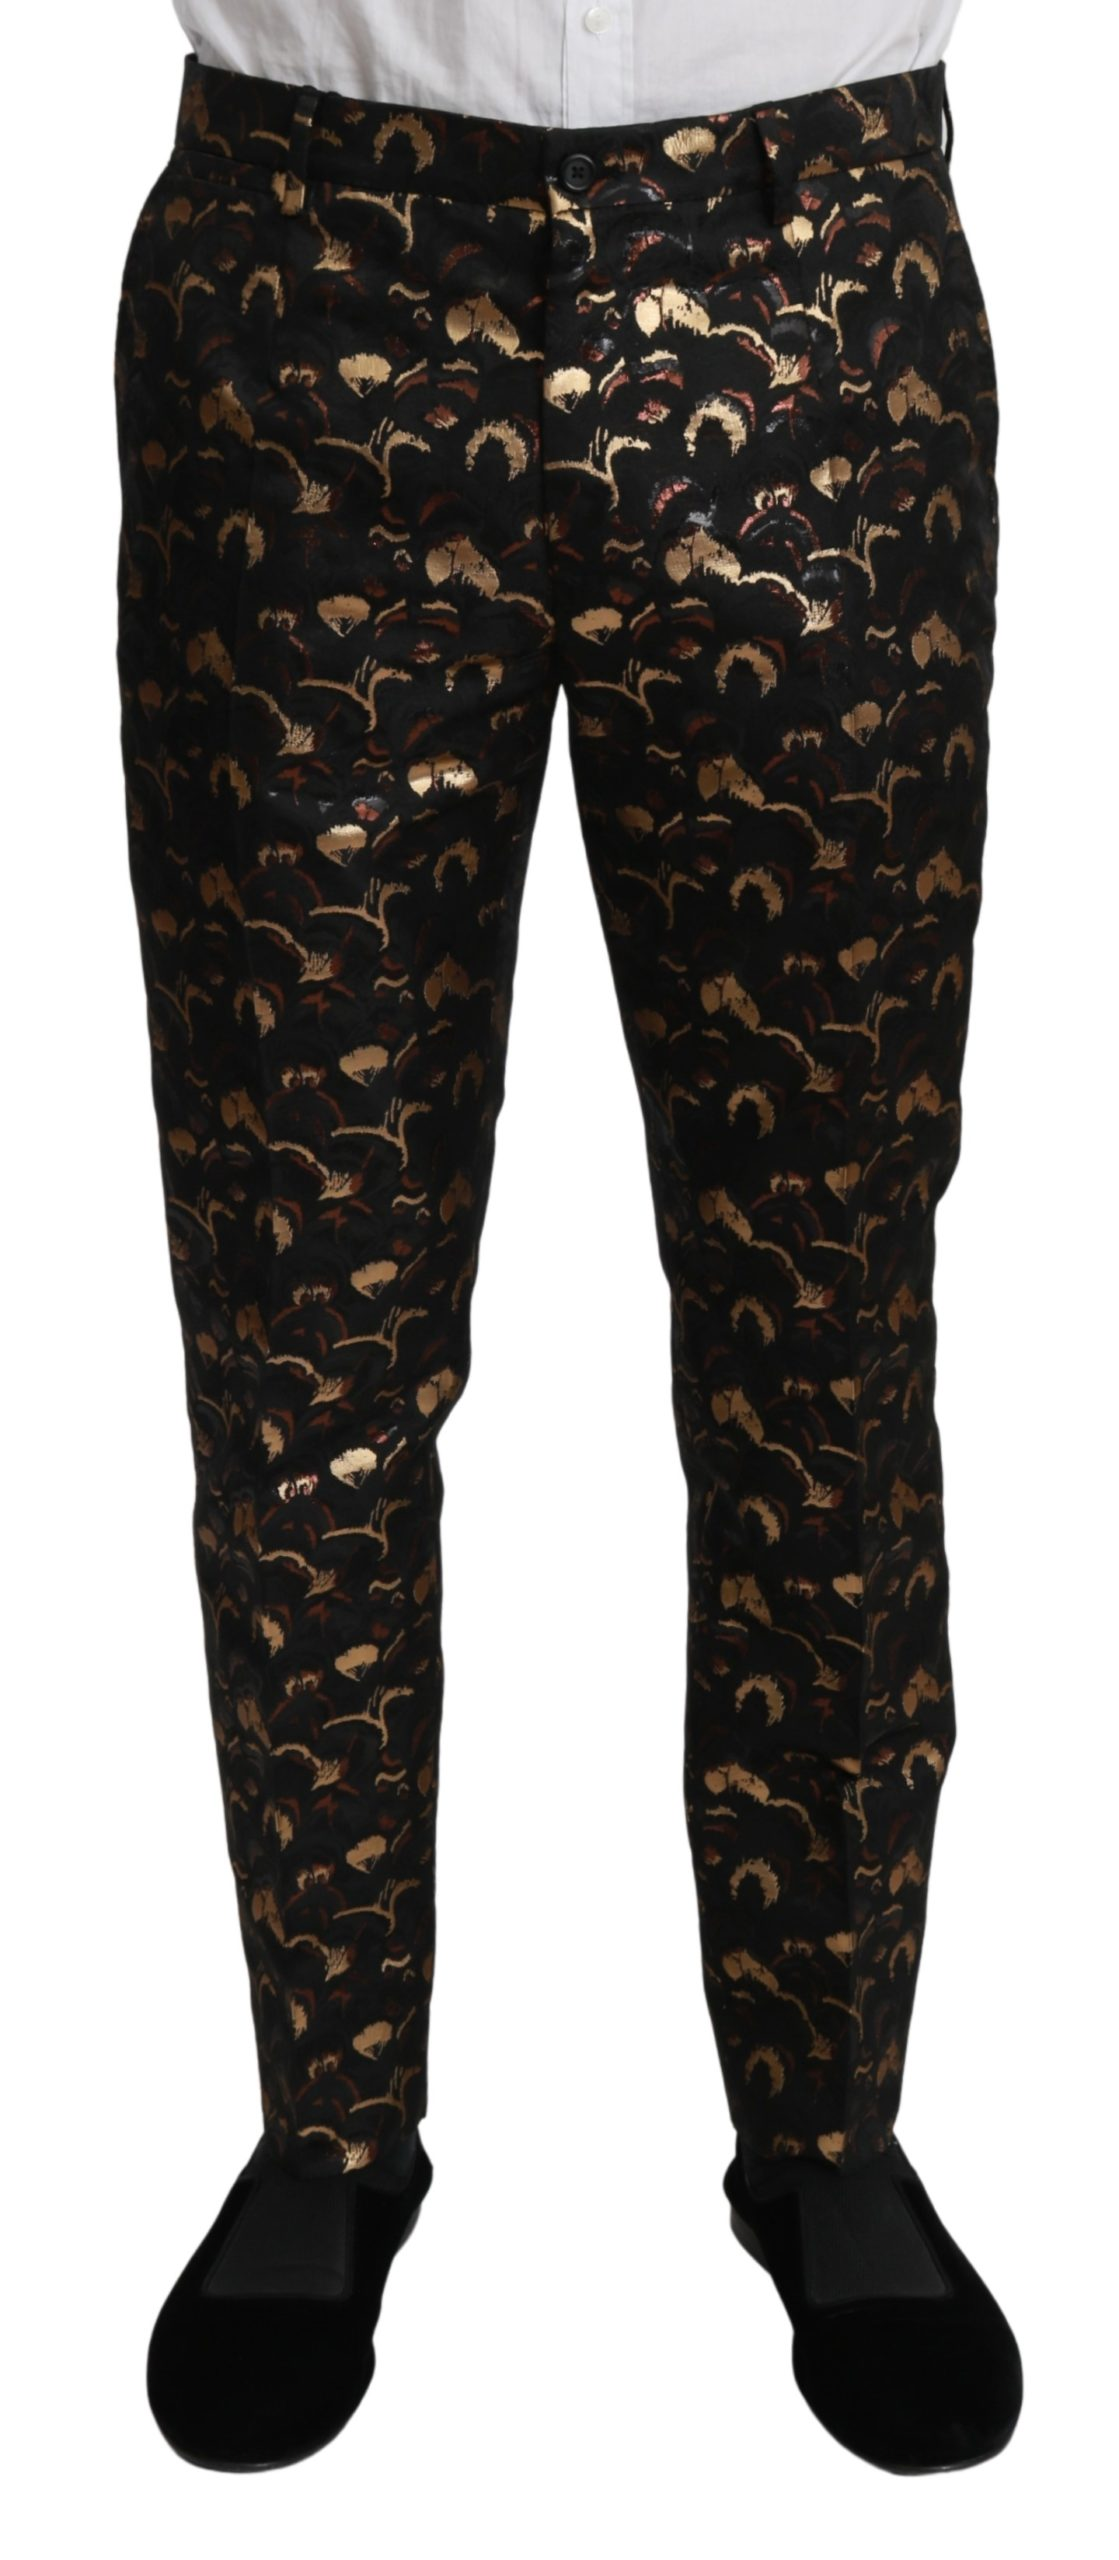 Dolce & Gabbana Men's Metallic Dress Trouser Black PAN70964 - IT44 | XS